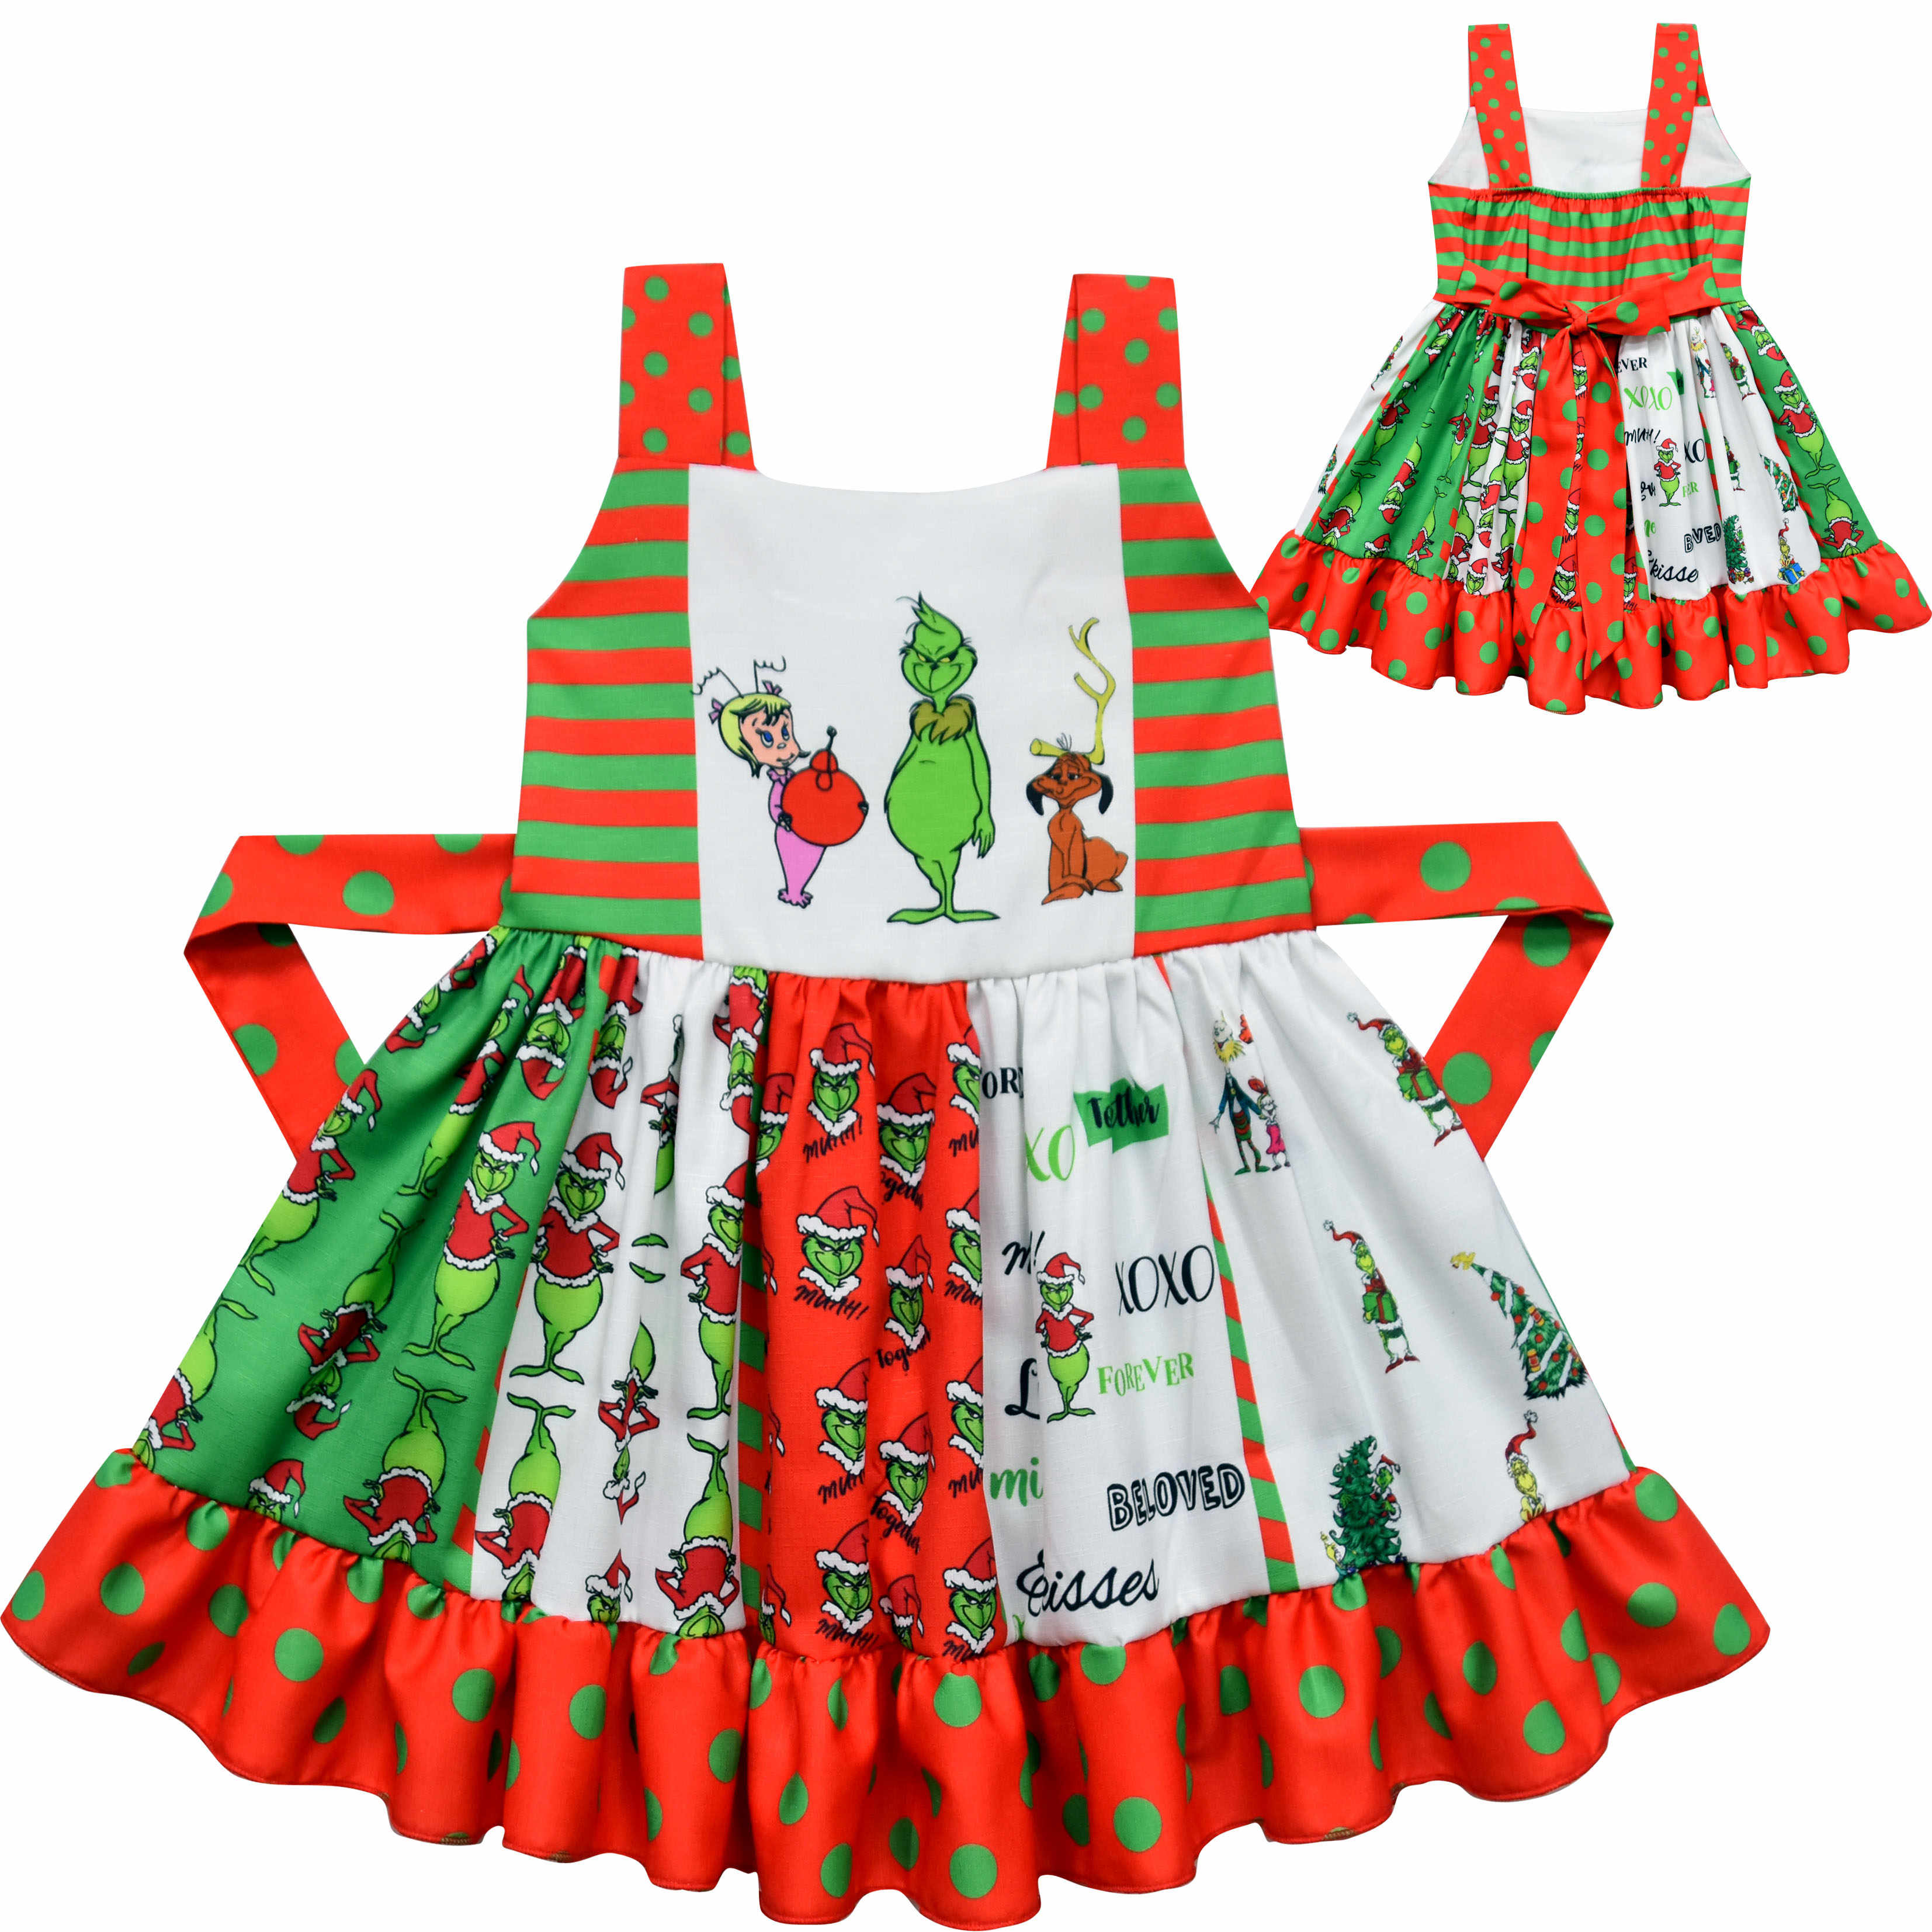 メリークリスマスガールエルザプリンセスドレス漫画のパターンプリントクルクルドレスクリスマスドレス